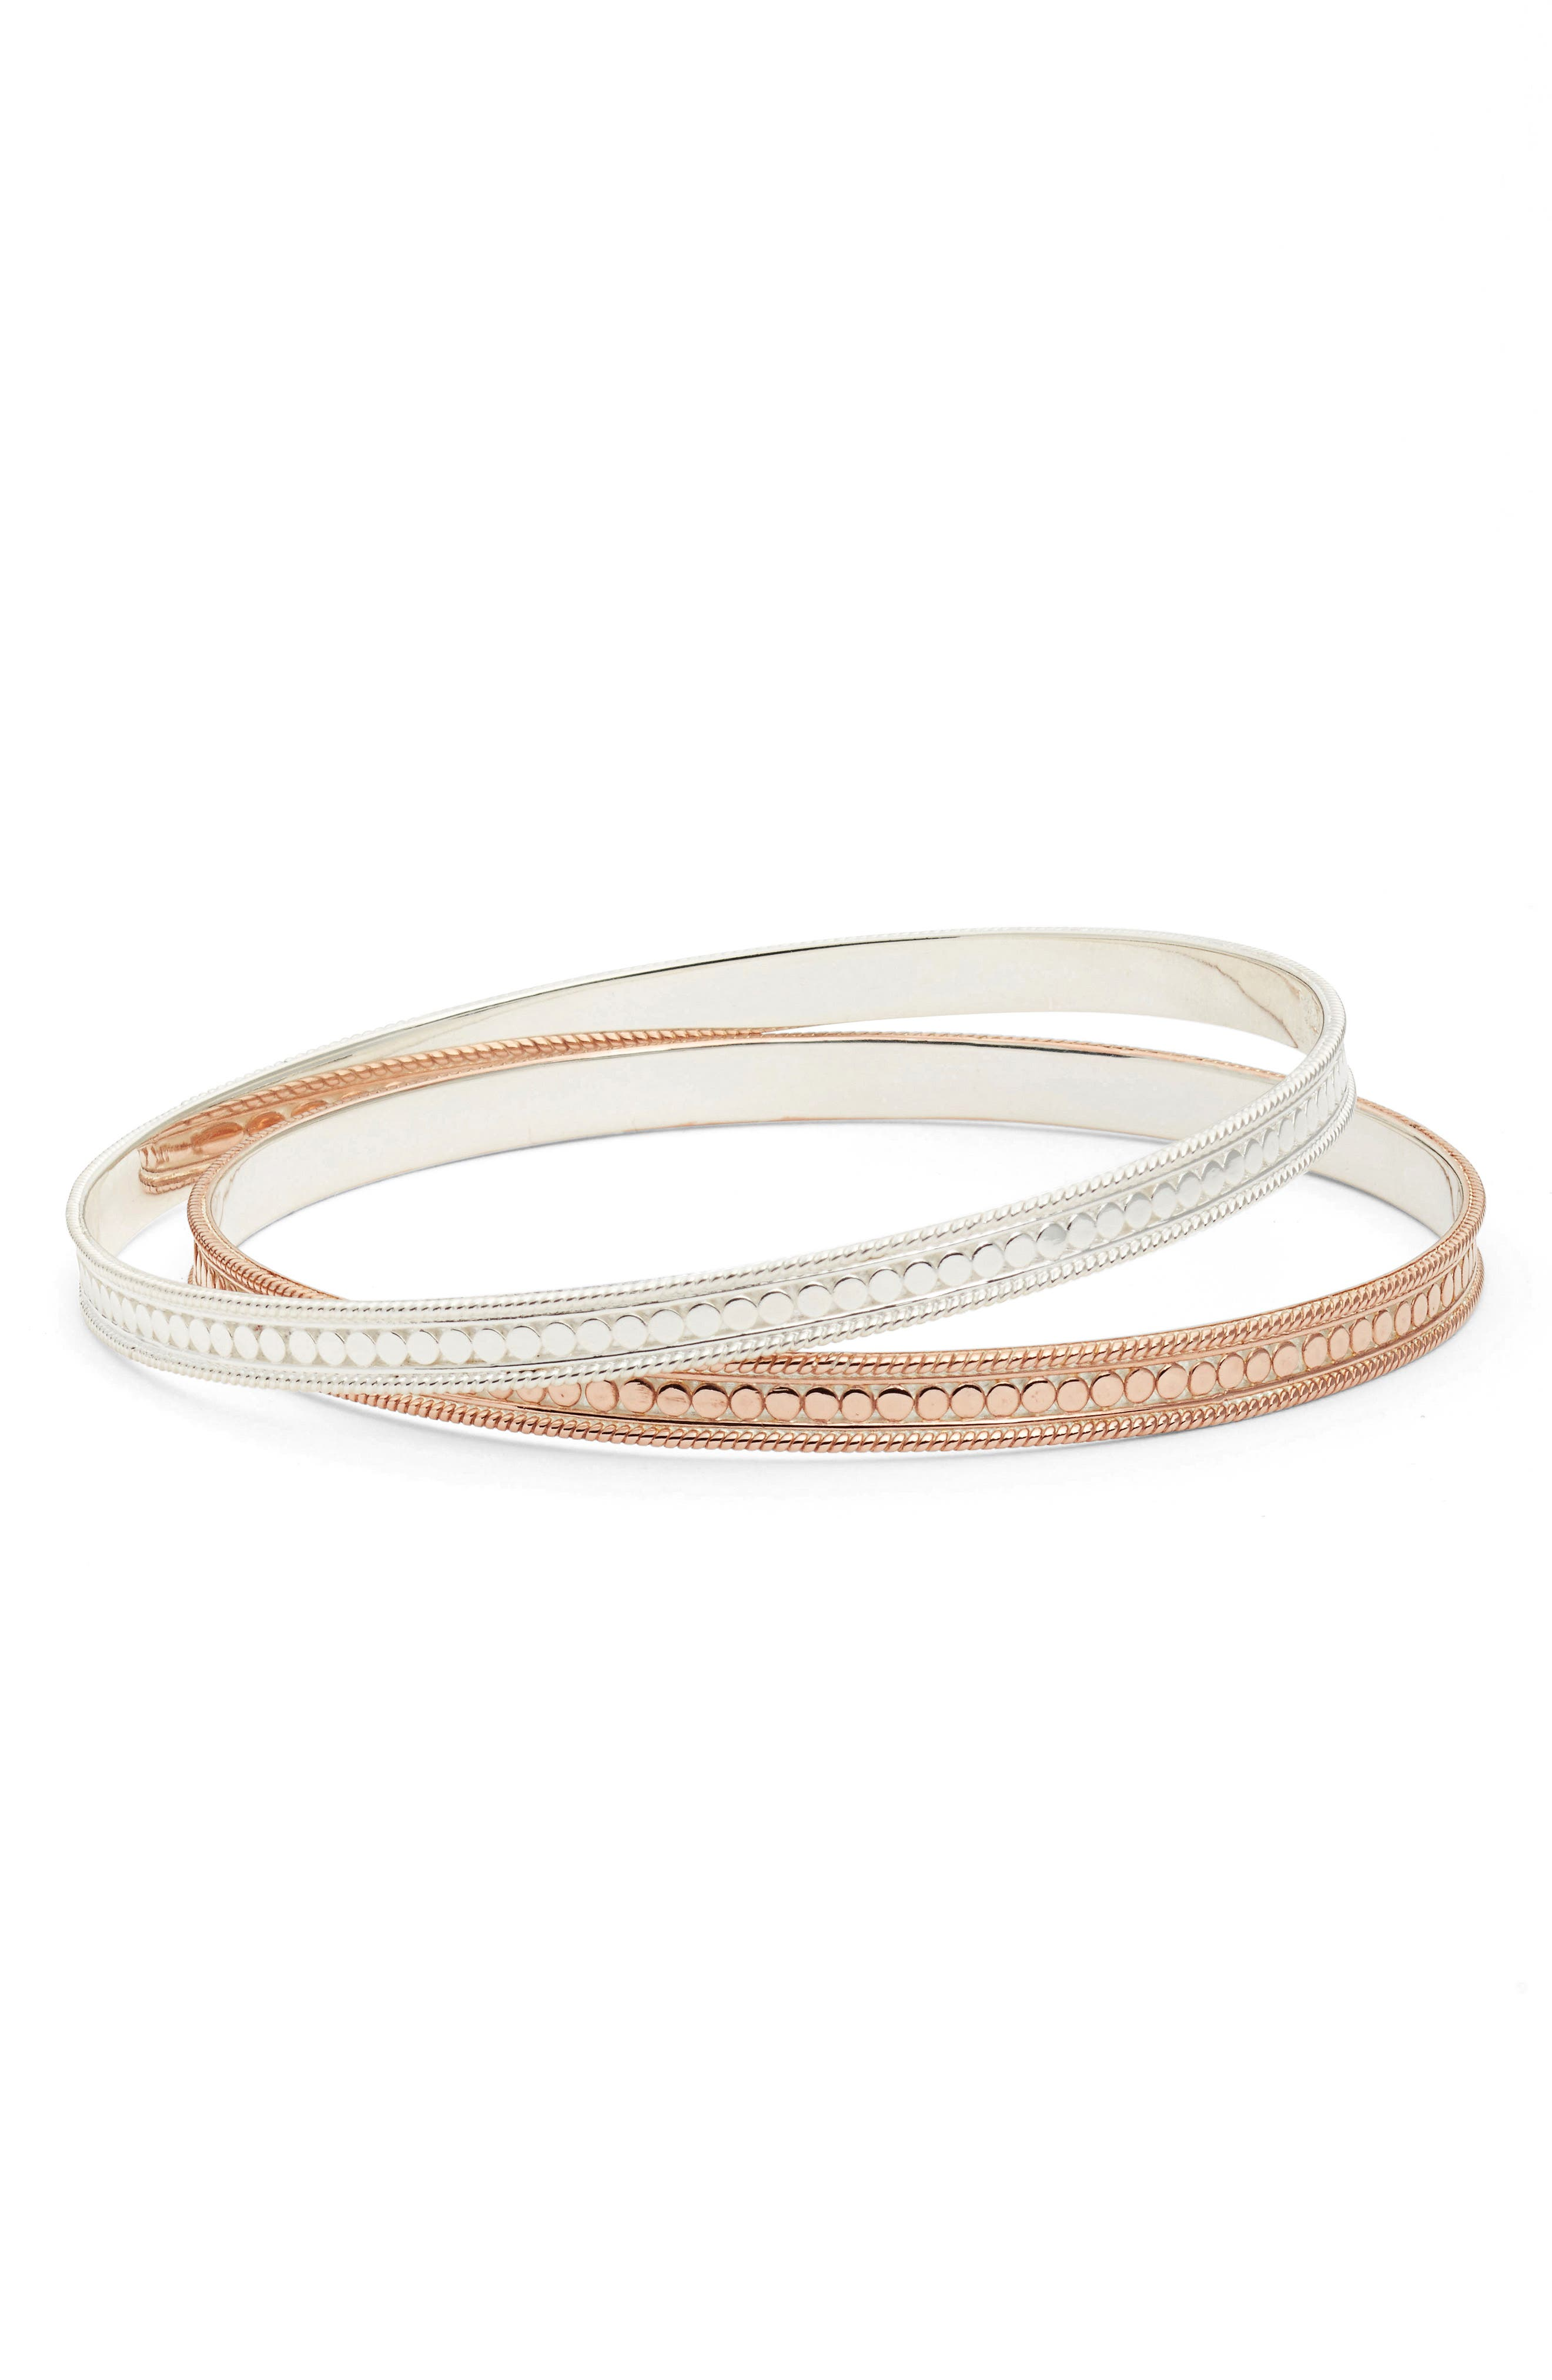 Set of 2 Bangle Bracelets,                             Main thumbnail 1, color,                             712